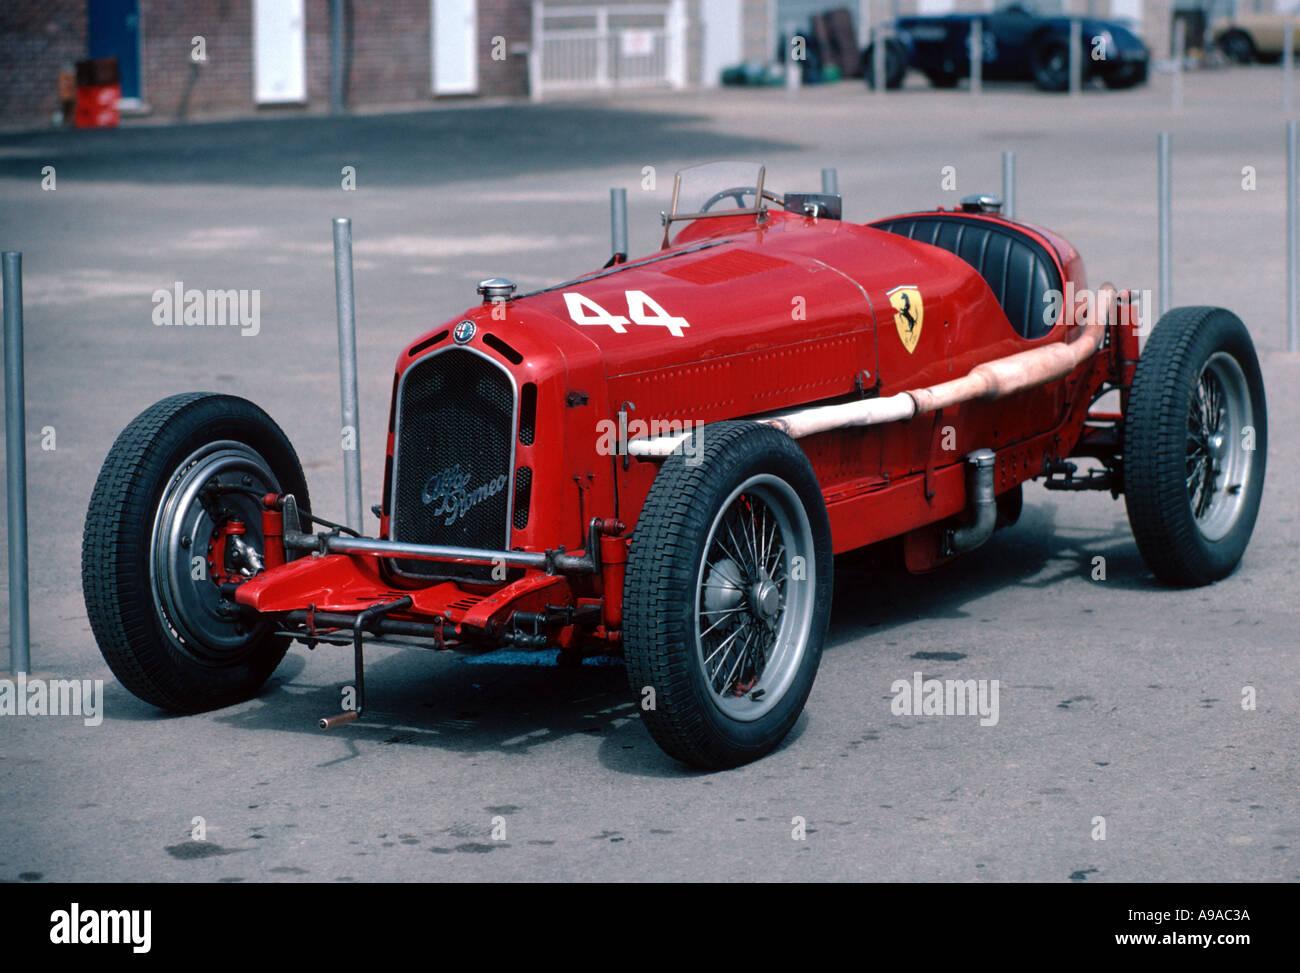 Alfa Romeo Monza Kompressor 8 Zylinder Sport Rennwagen Mit Rampante Emblem Von Der Scuderia Ferrari Aus Den 1930er Jahren Stockfotografie Alamy